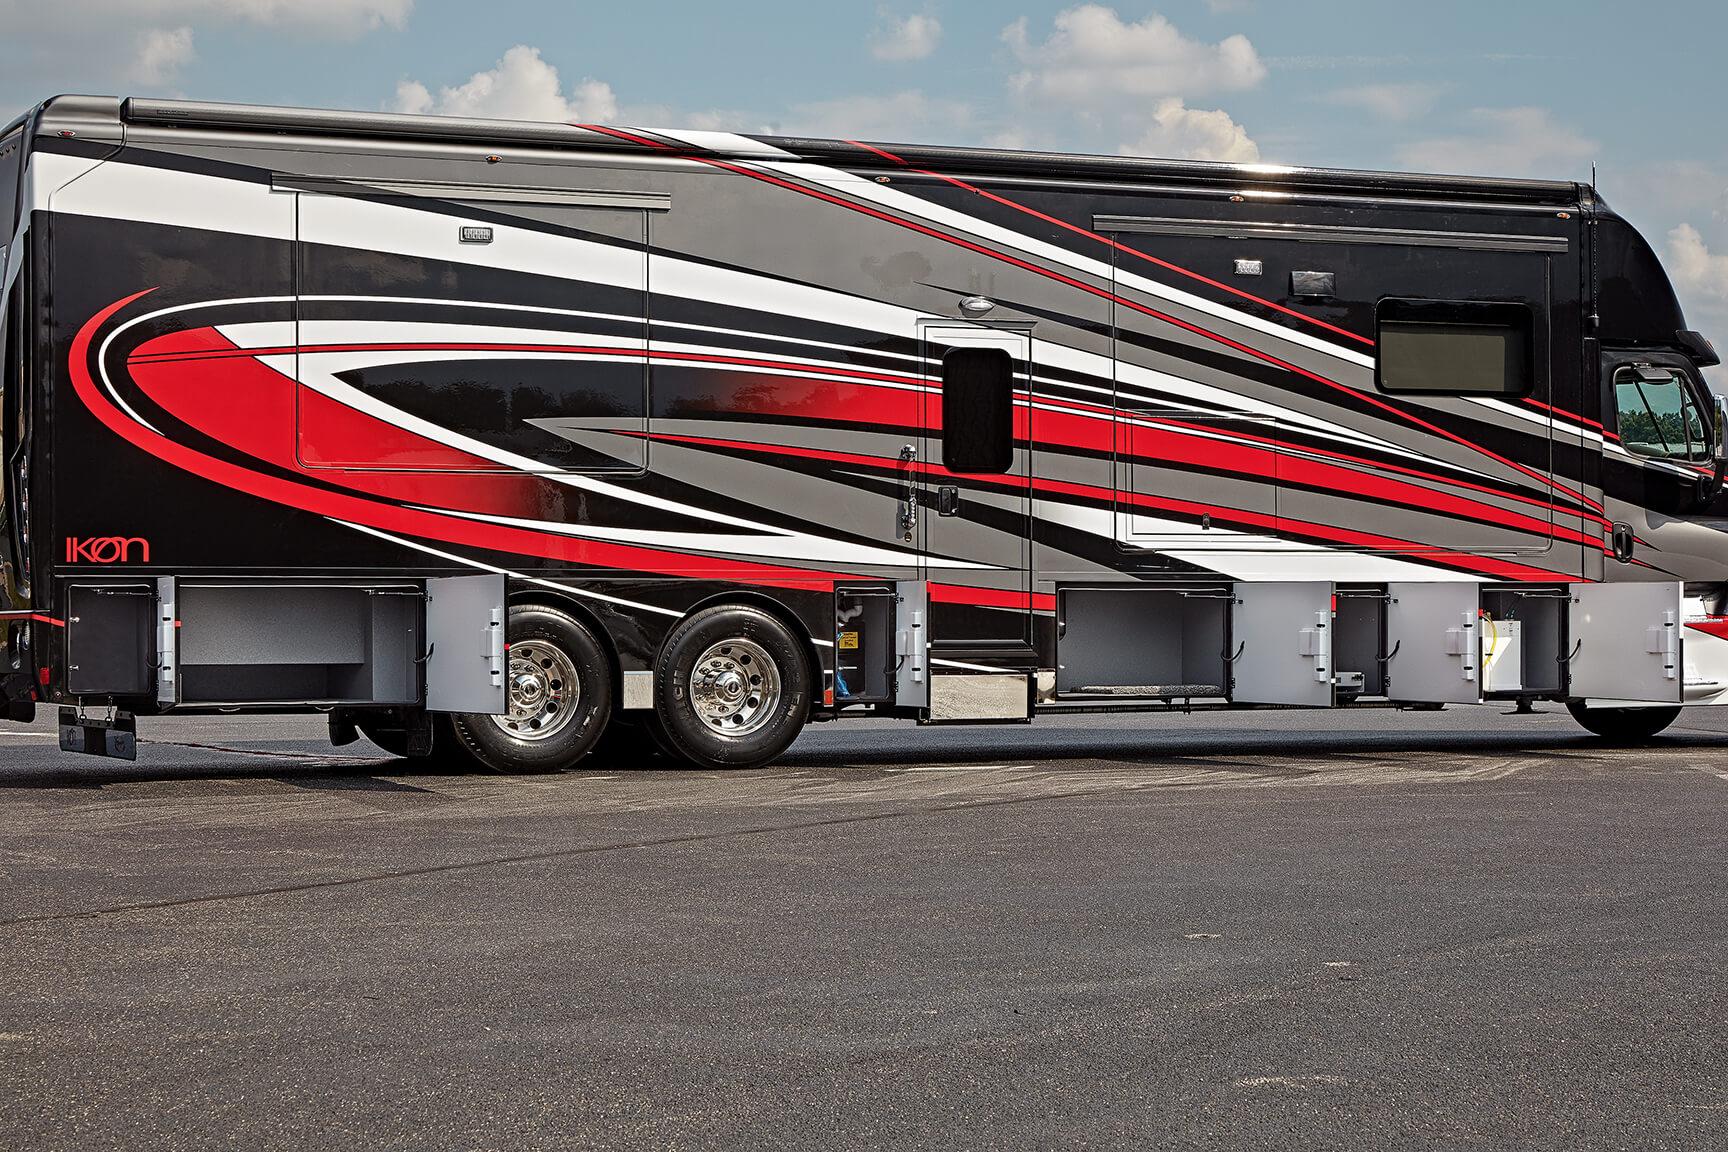 Renegade Ikon Freightliner Motorhome